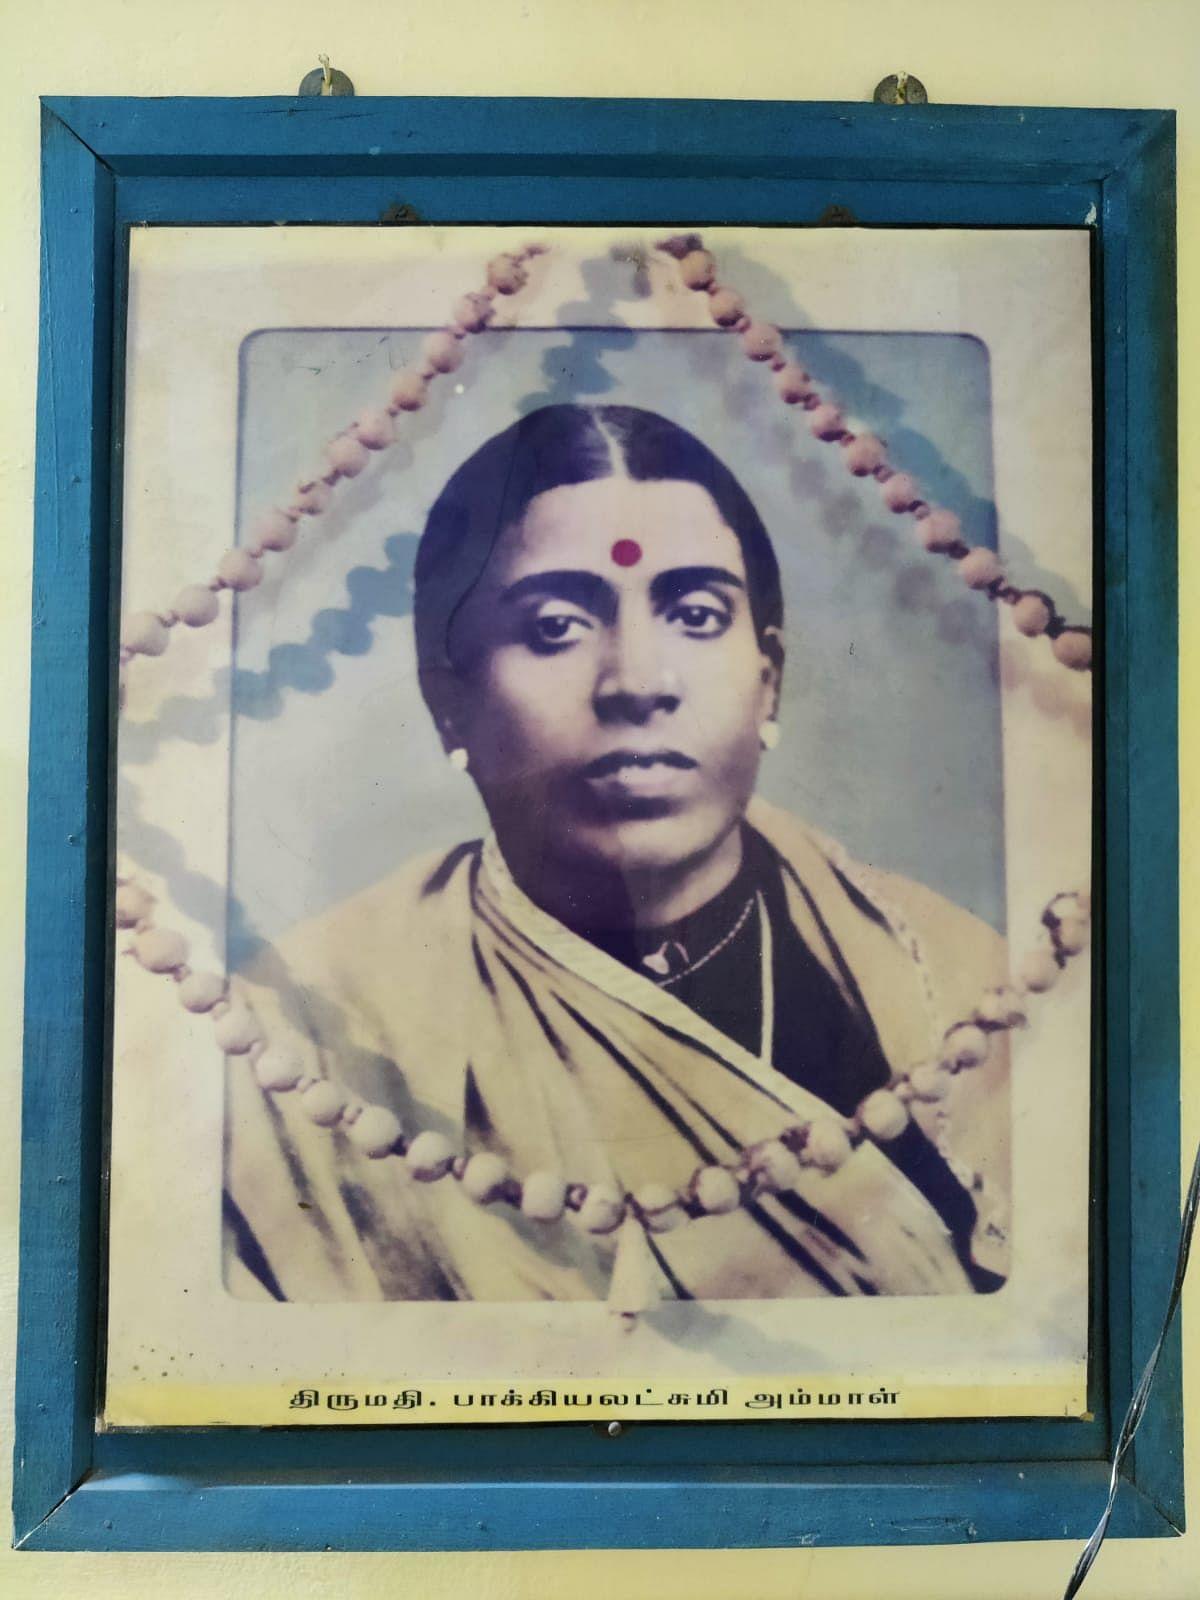 வ.வே.சு ஐயரின் மனைவி பாக்யலட்சுமி அம்மாள்